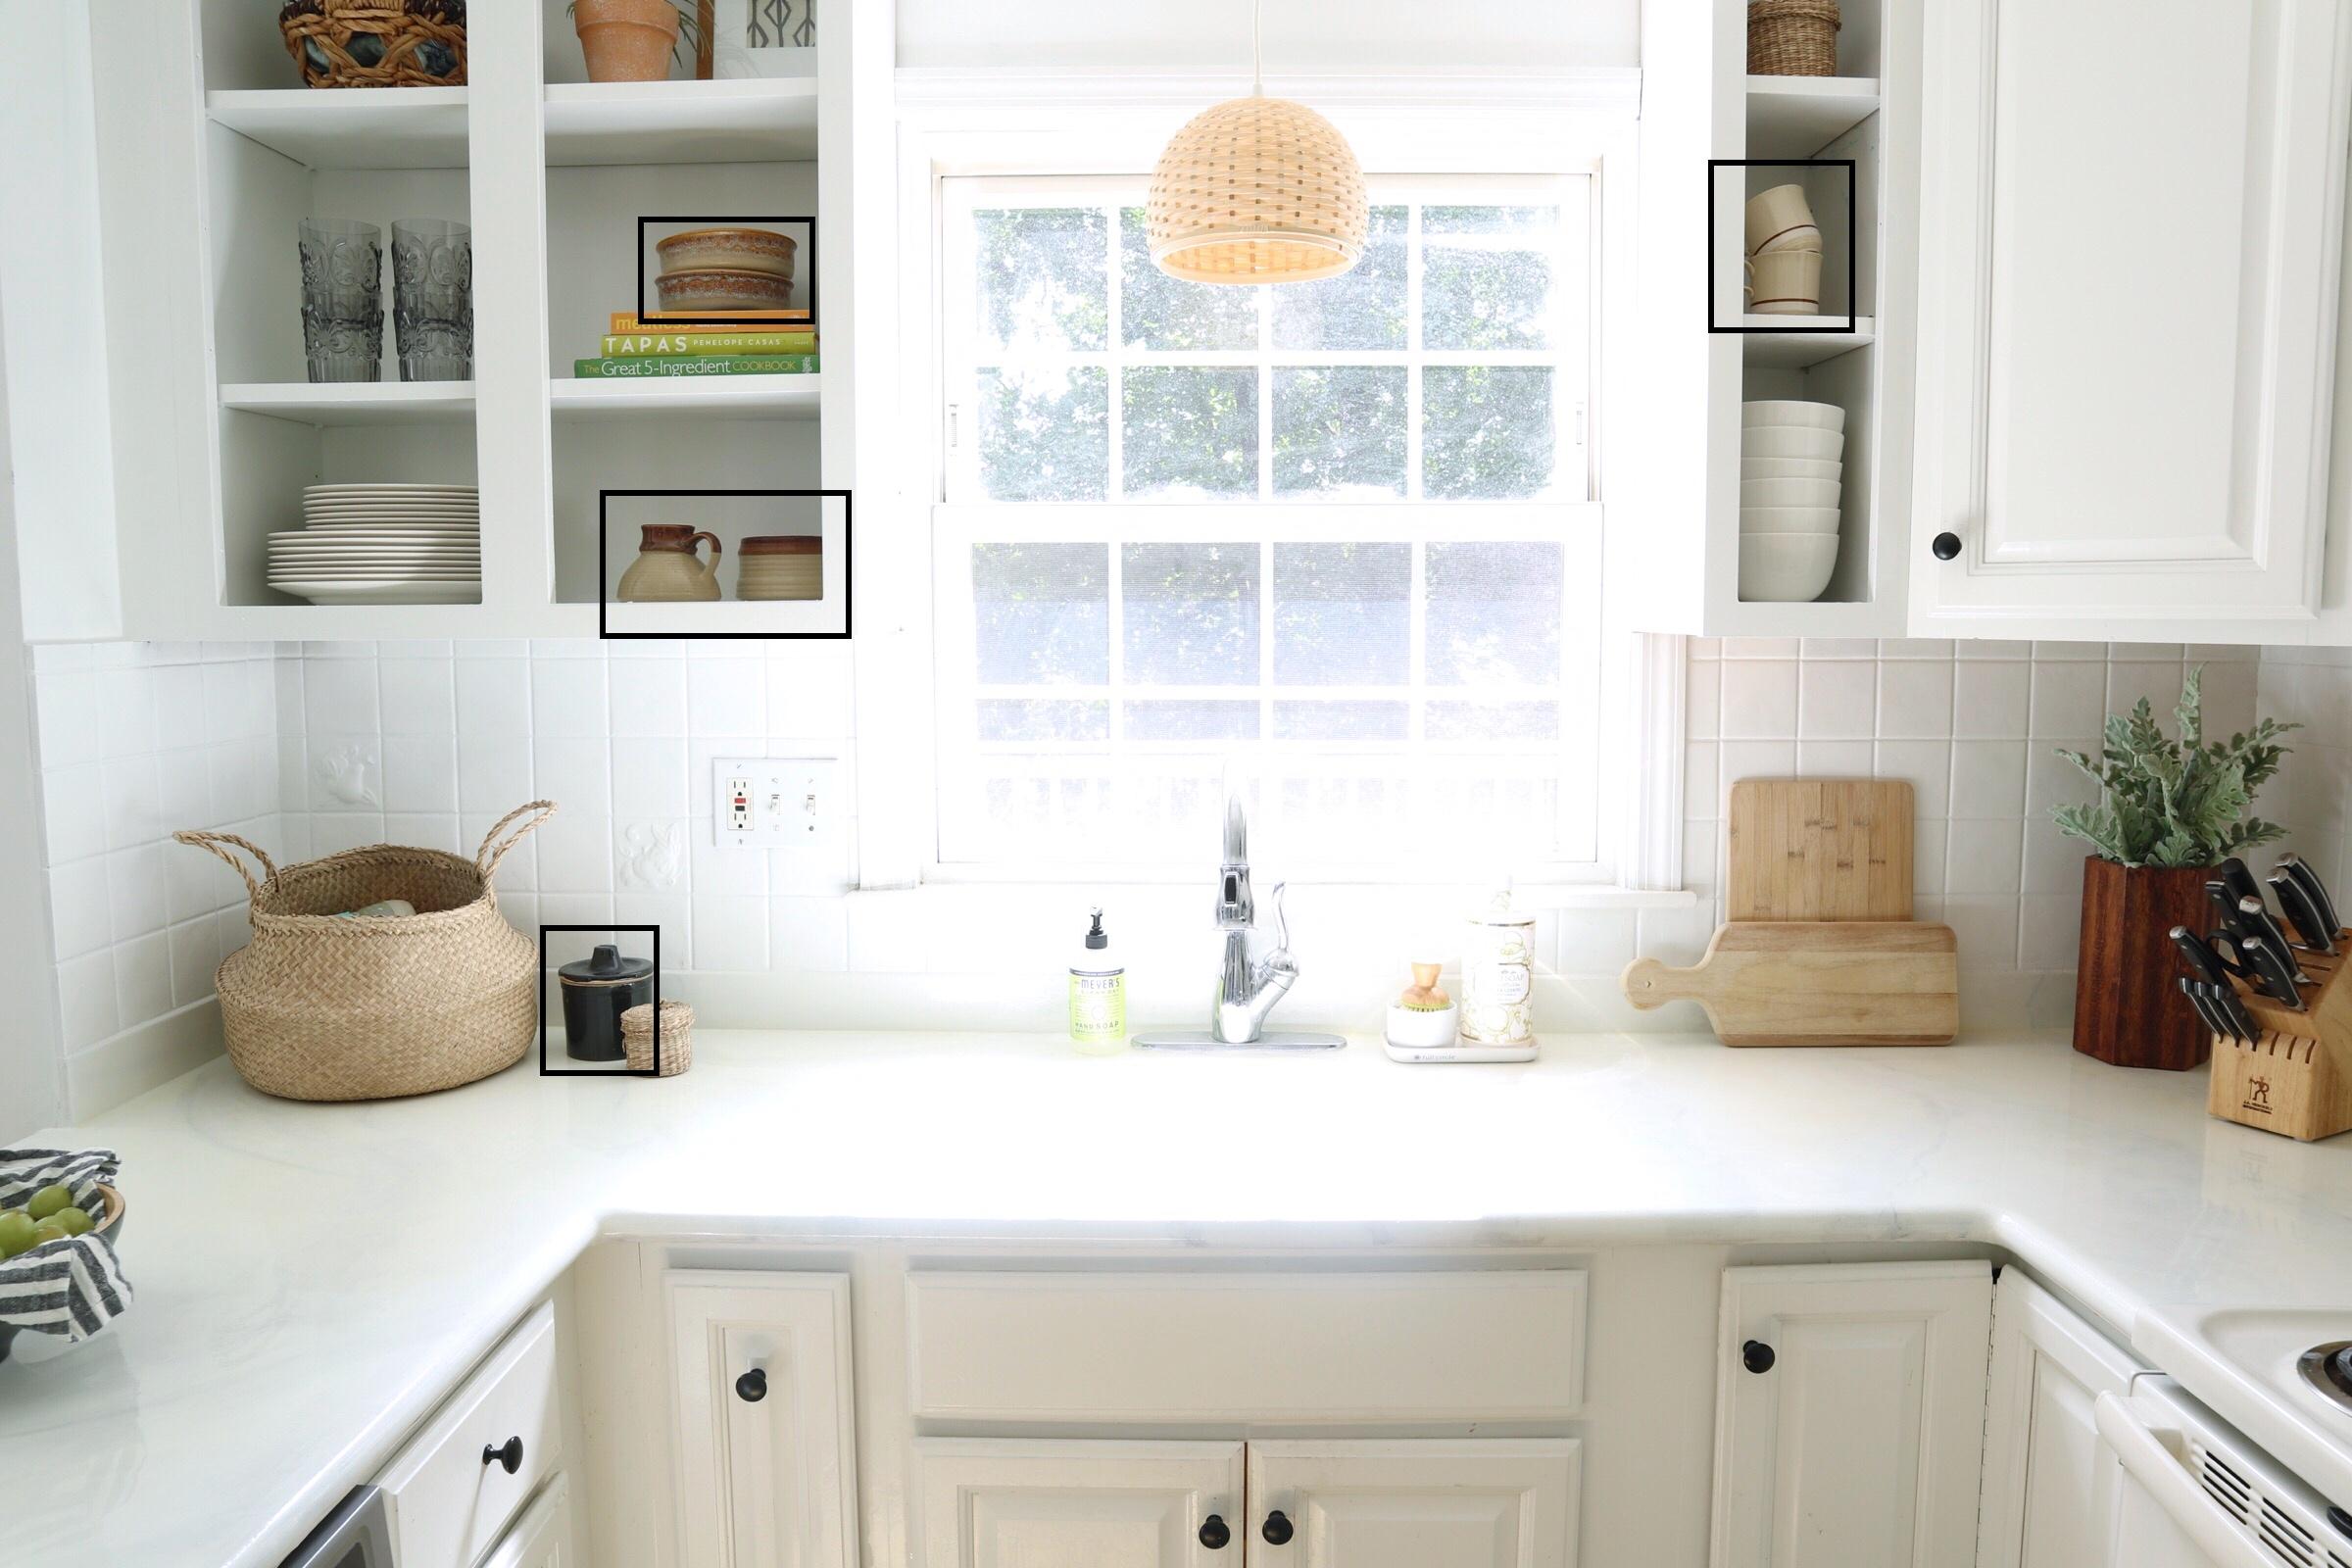 Straight_on_Kitchen_sink+Goodwill.jpg